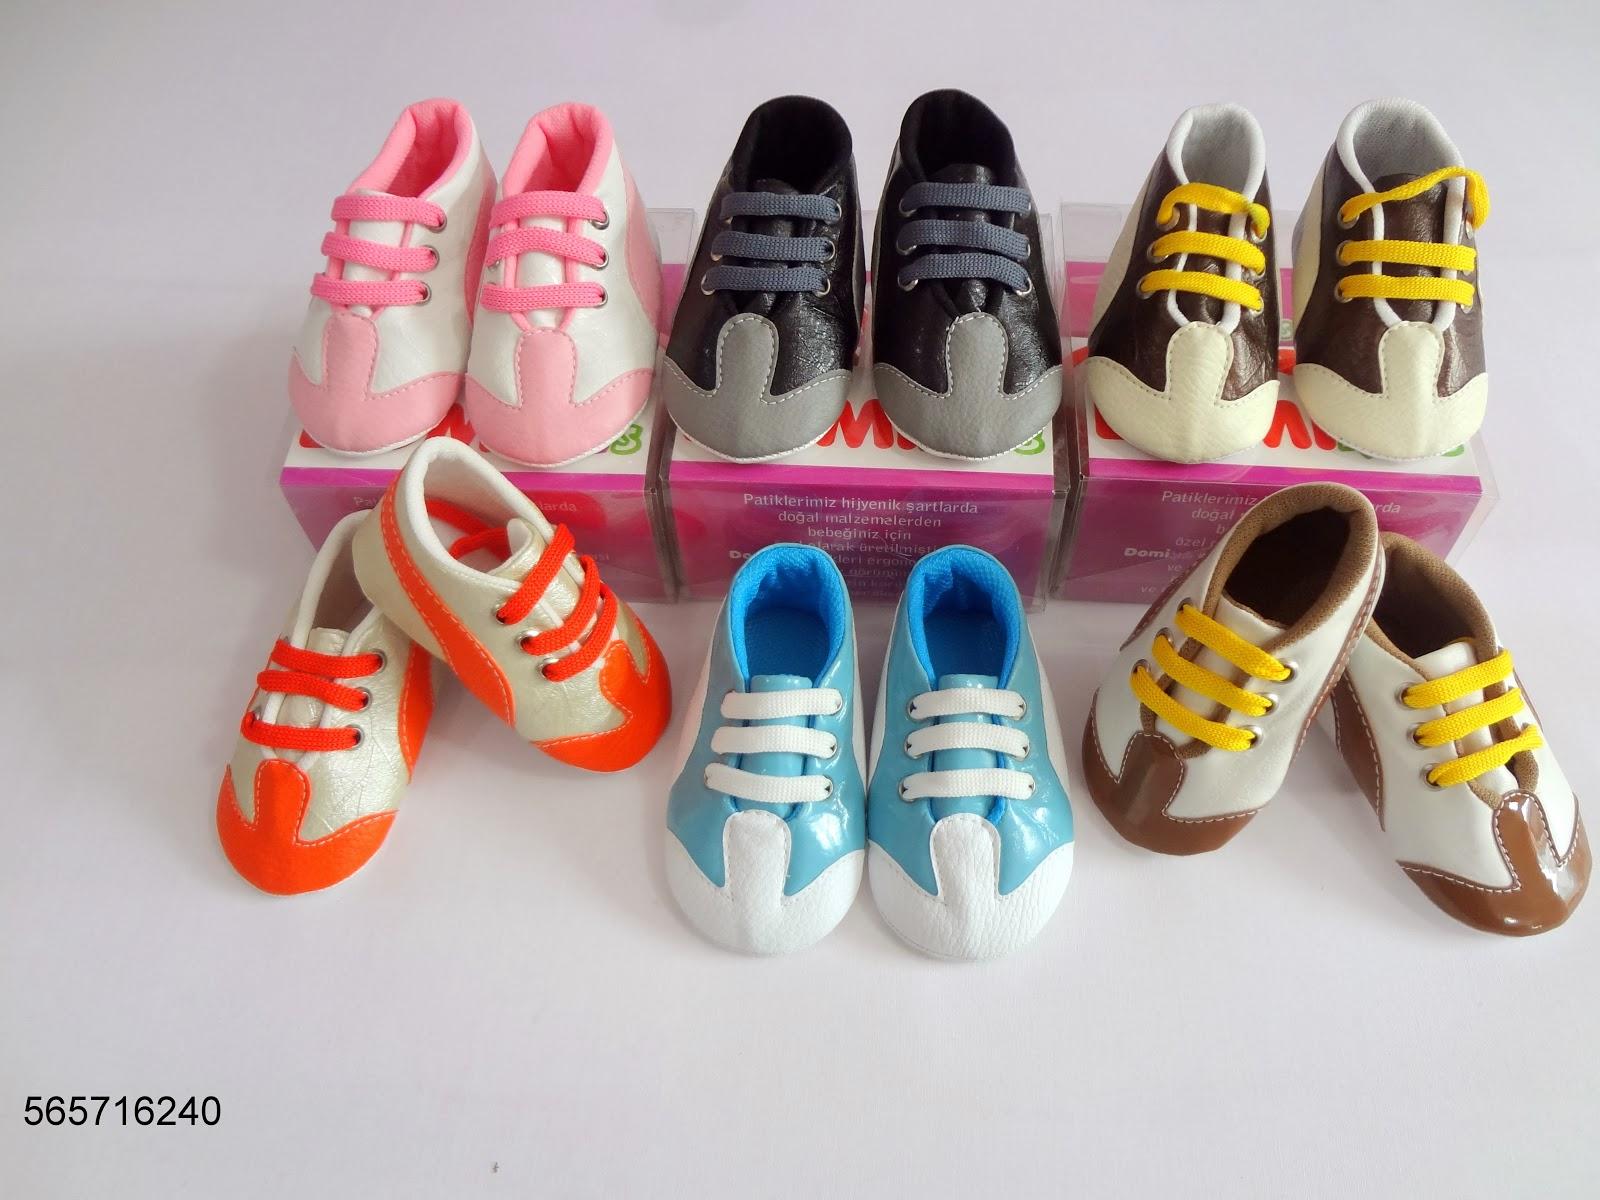 imalattan toptan çocuk ilkadım ayakkabıları satışı